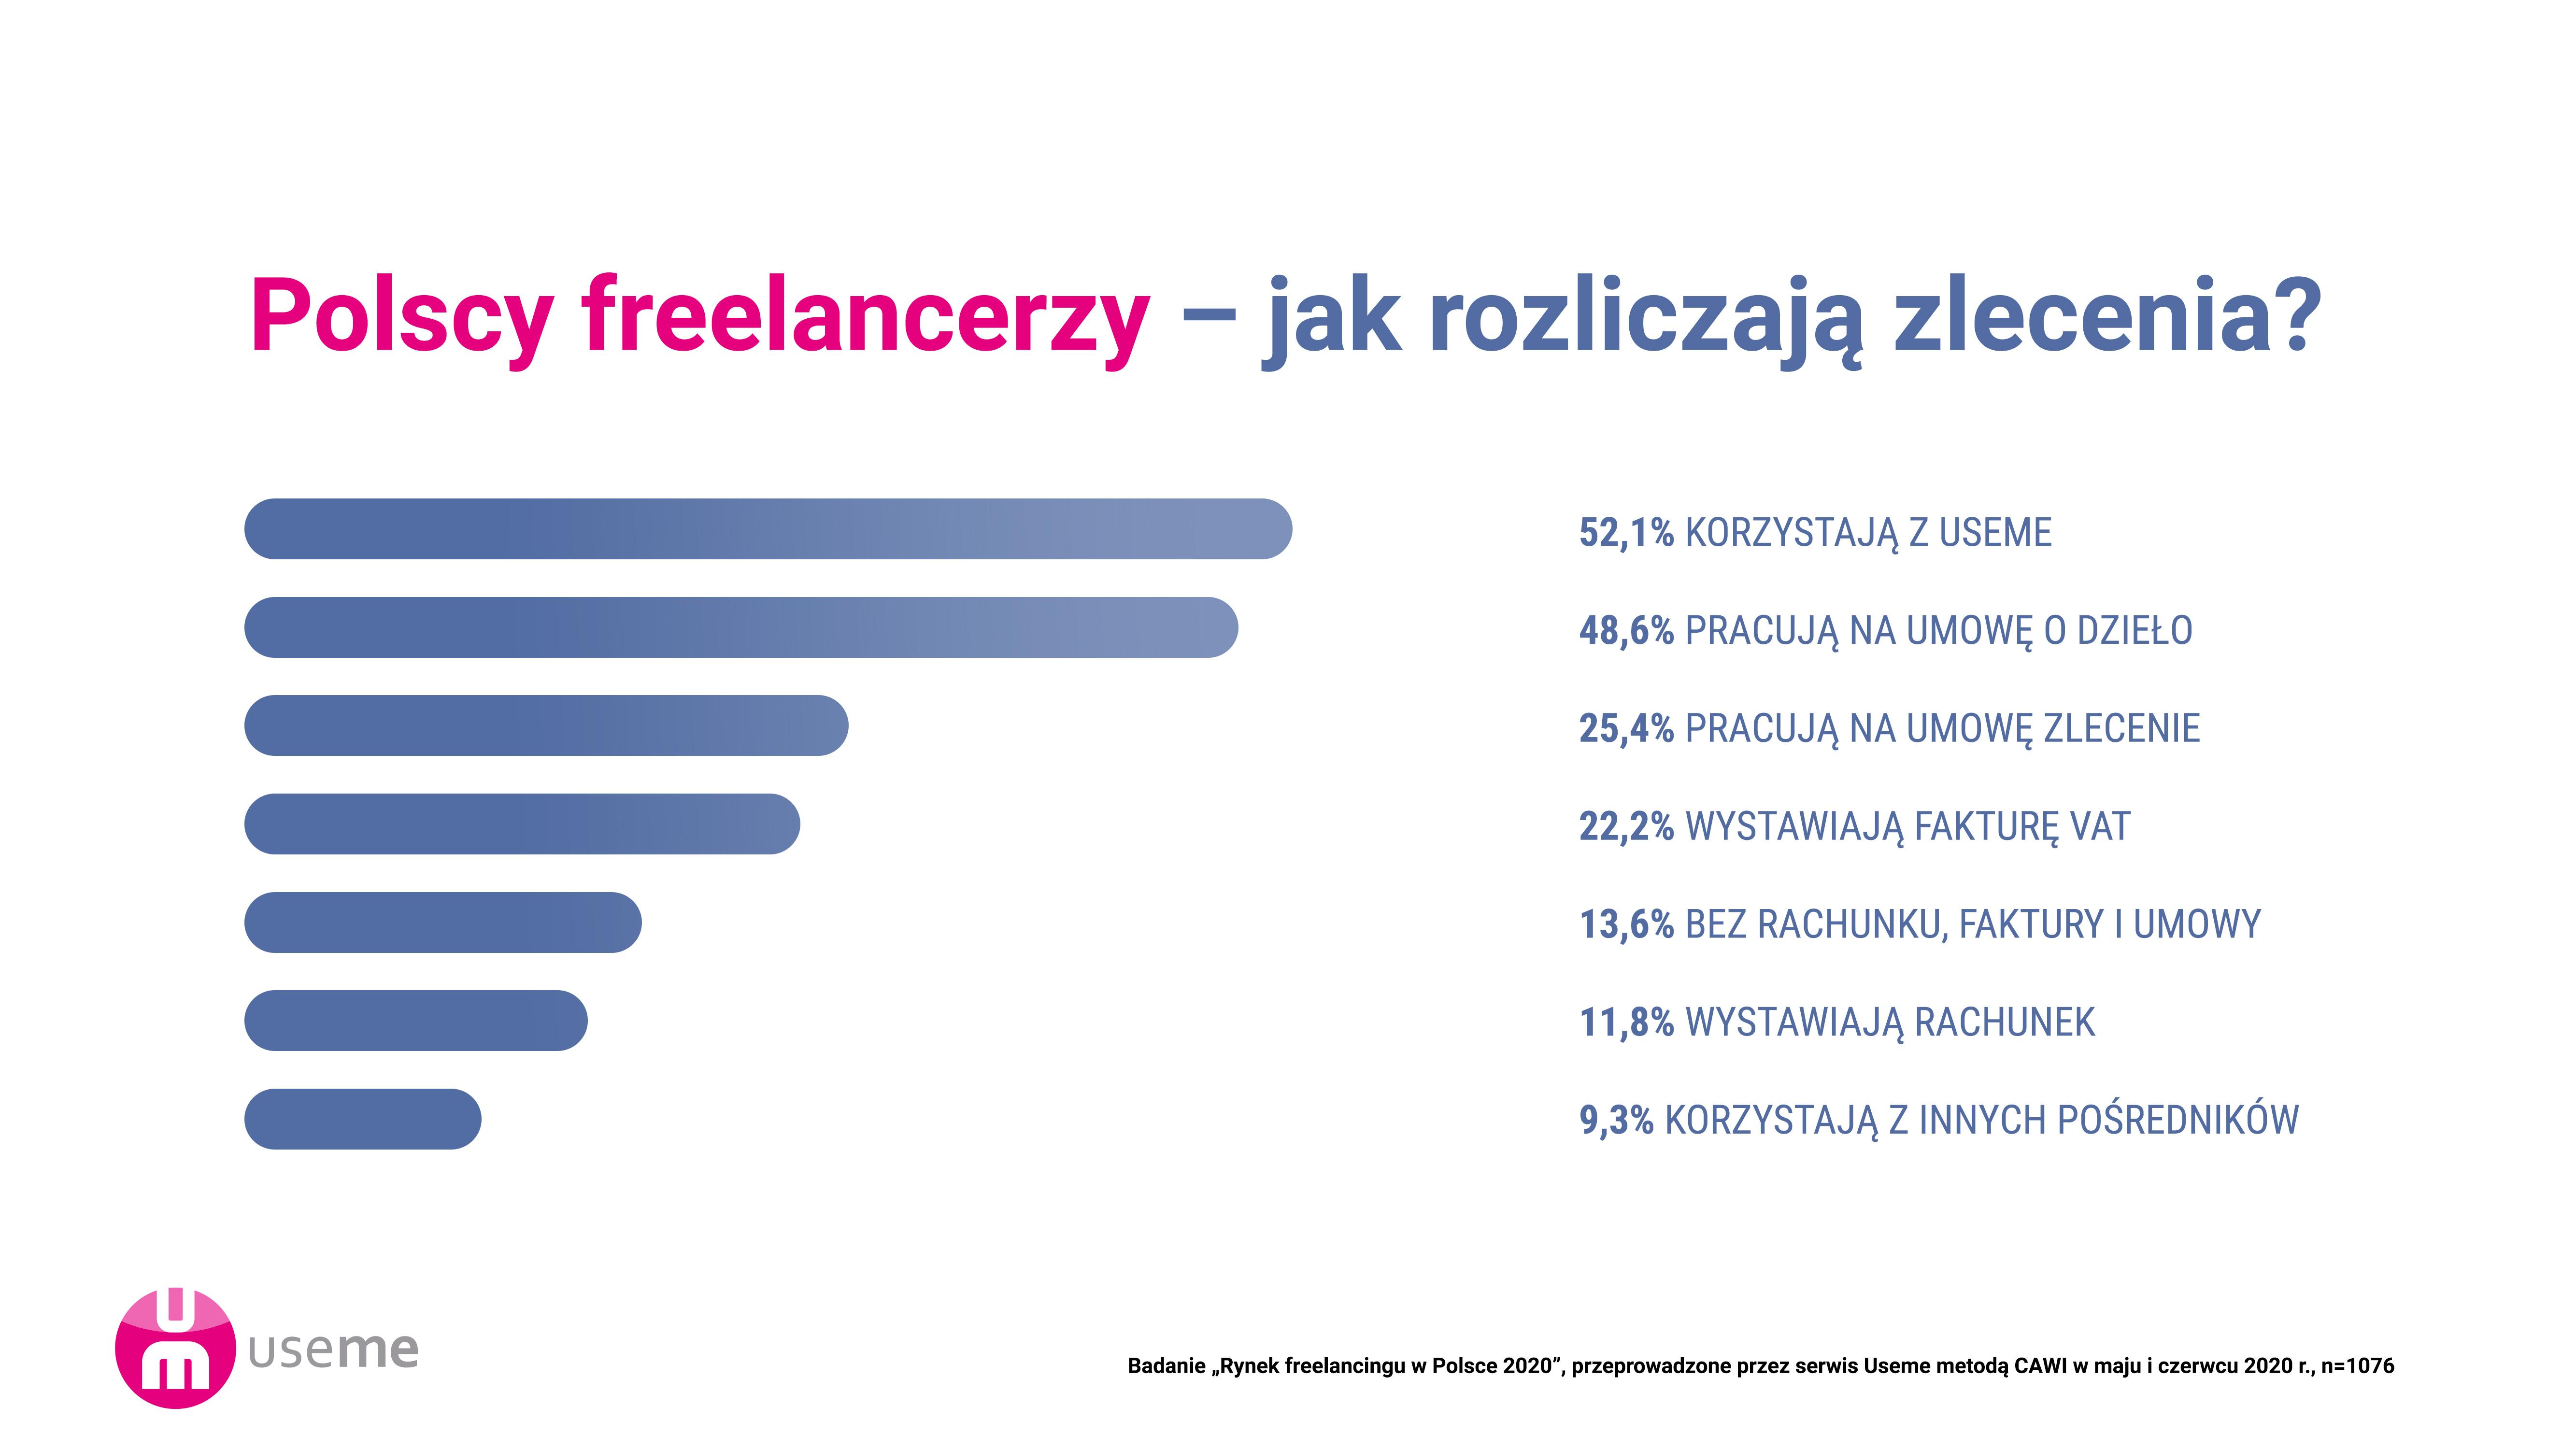 https://useme-prod-public.s3.amazonaws.com/help-images/wykres_jakRozliczaja.jpg